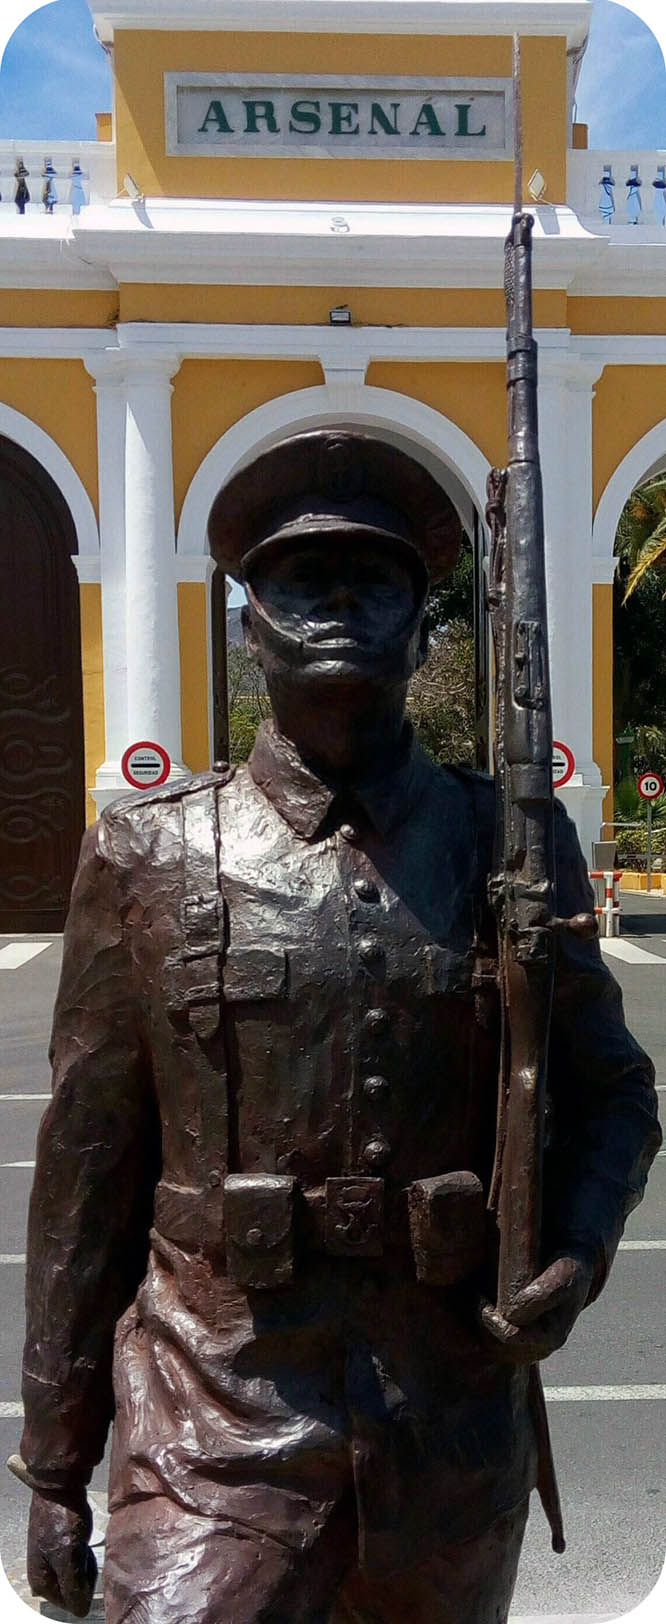 Mañana inauguran el monumento al Infante de Marina